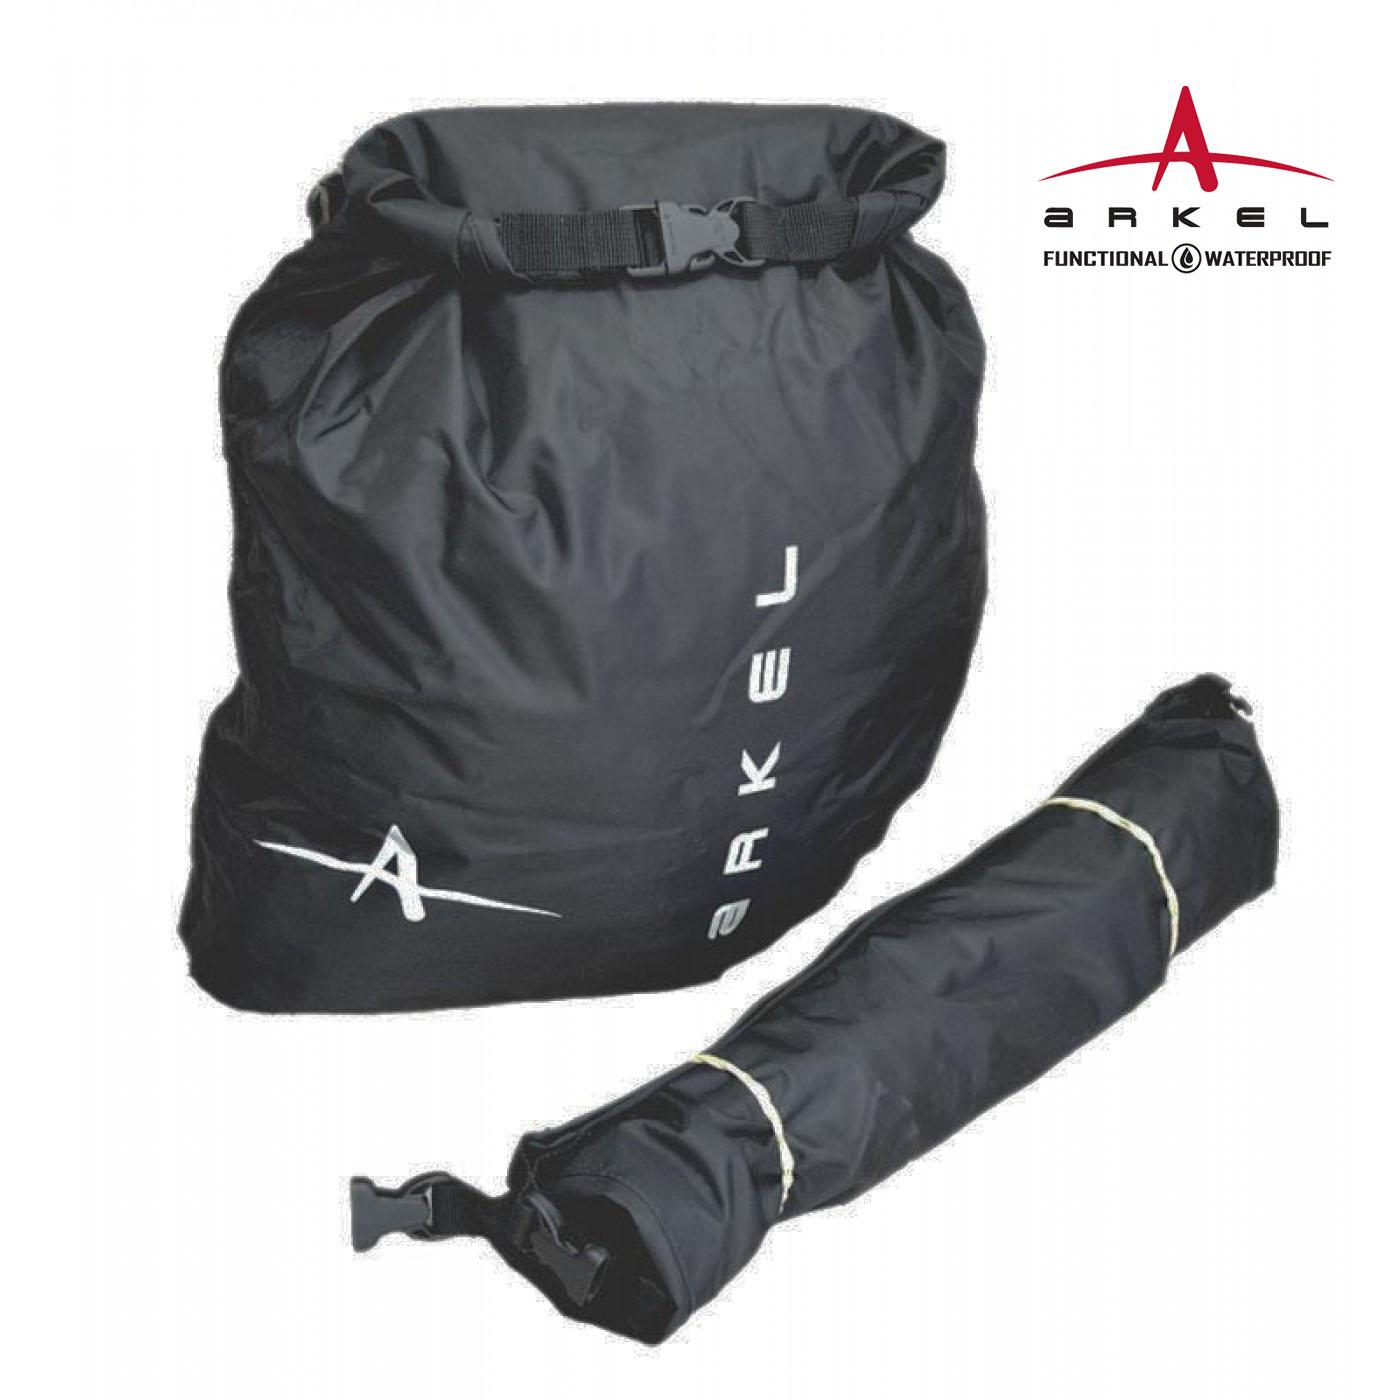 กระเป๋า ARKEL DRY-LITES